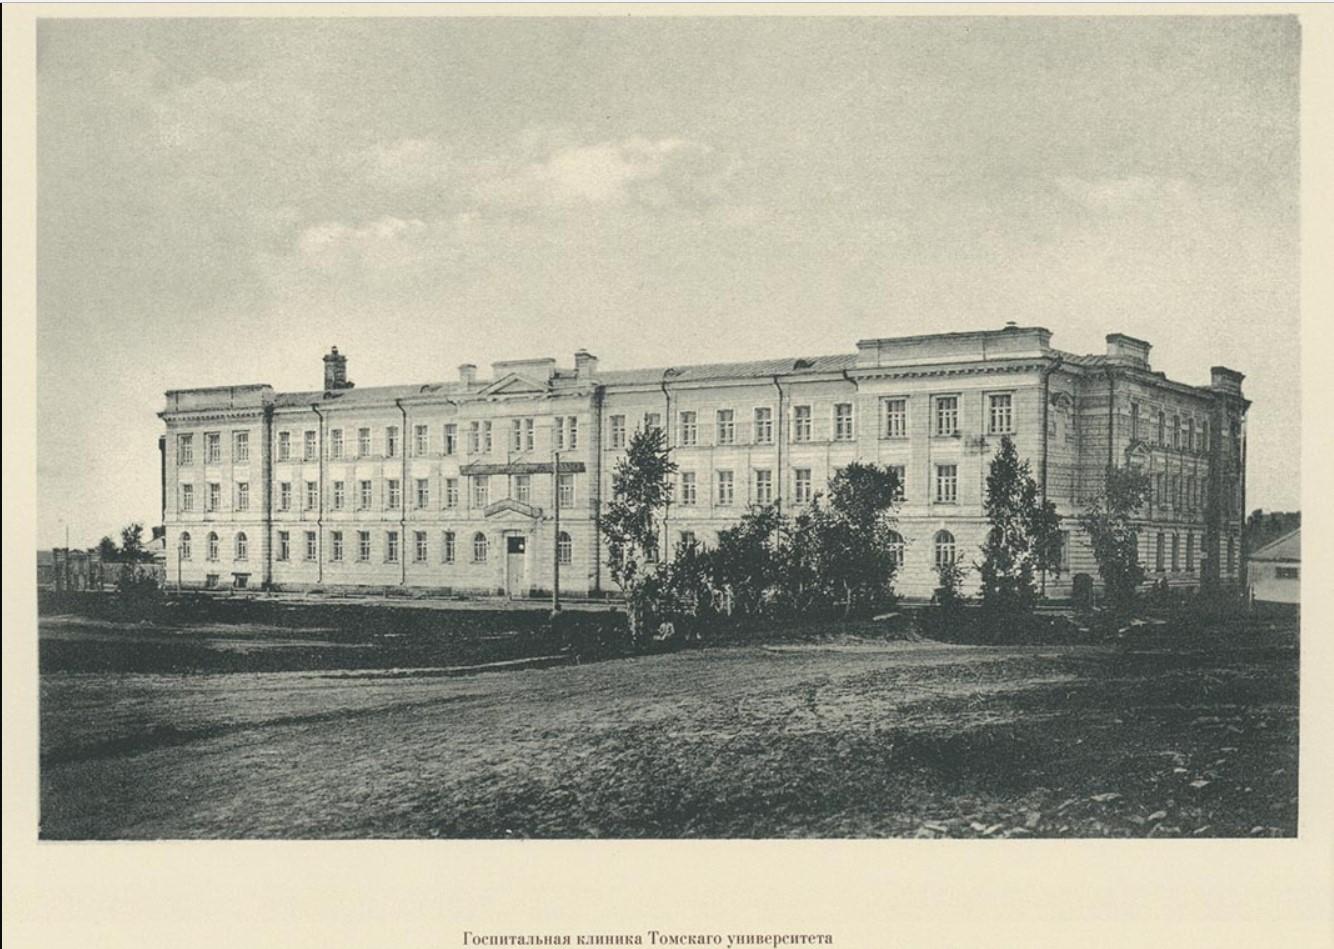 12. Госпитальная клиника Томского университета